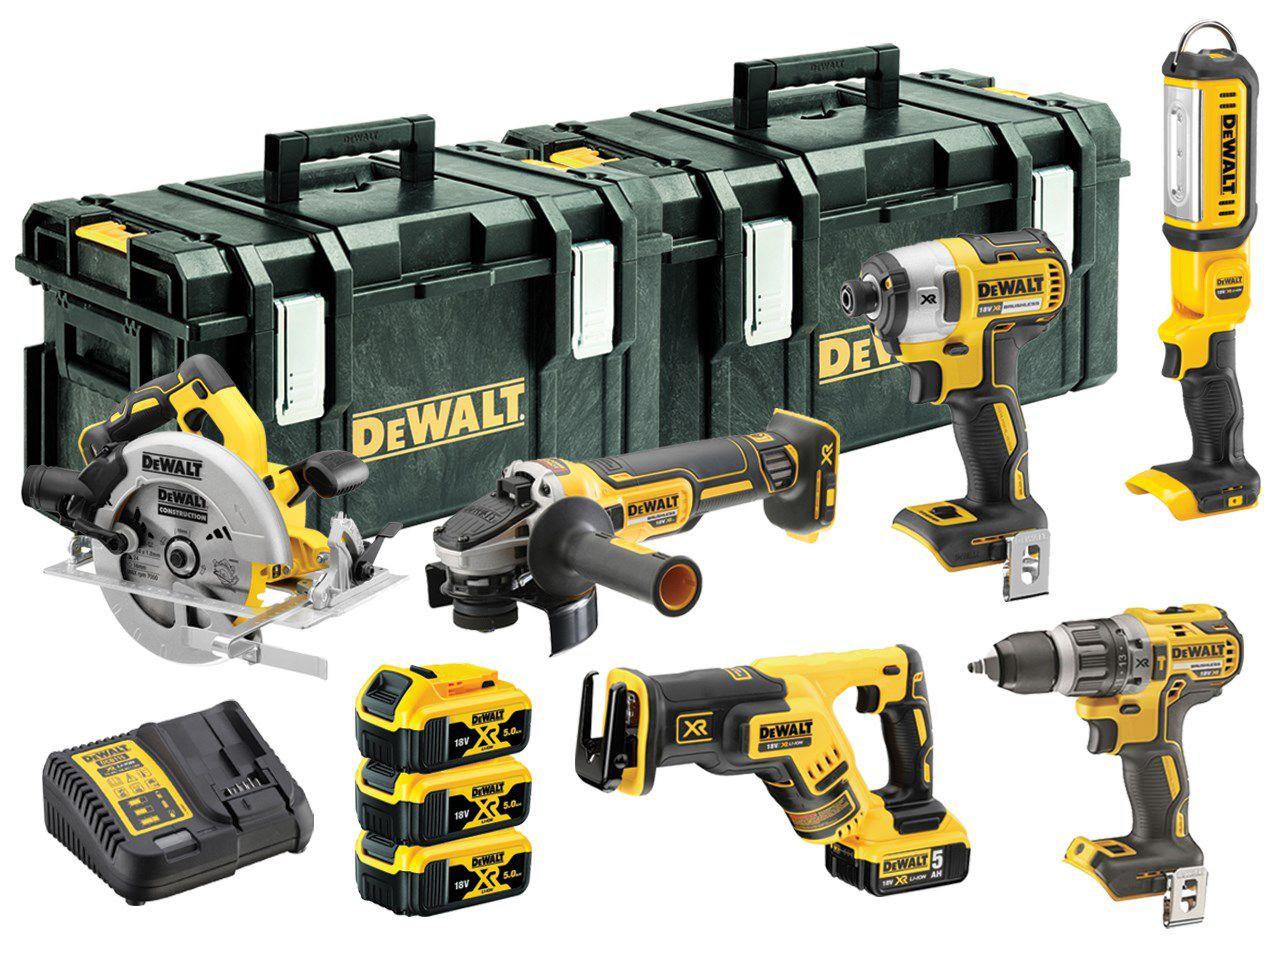 Sada aku nářadí DeWALT DDCK623P3-QW: DCD796 + DCG405 + DCF887 + DCS570 + DCS367 + 3x aku 18V/5.0Ah